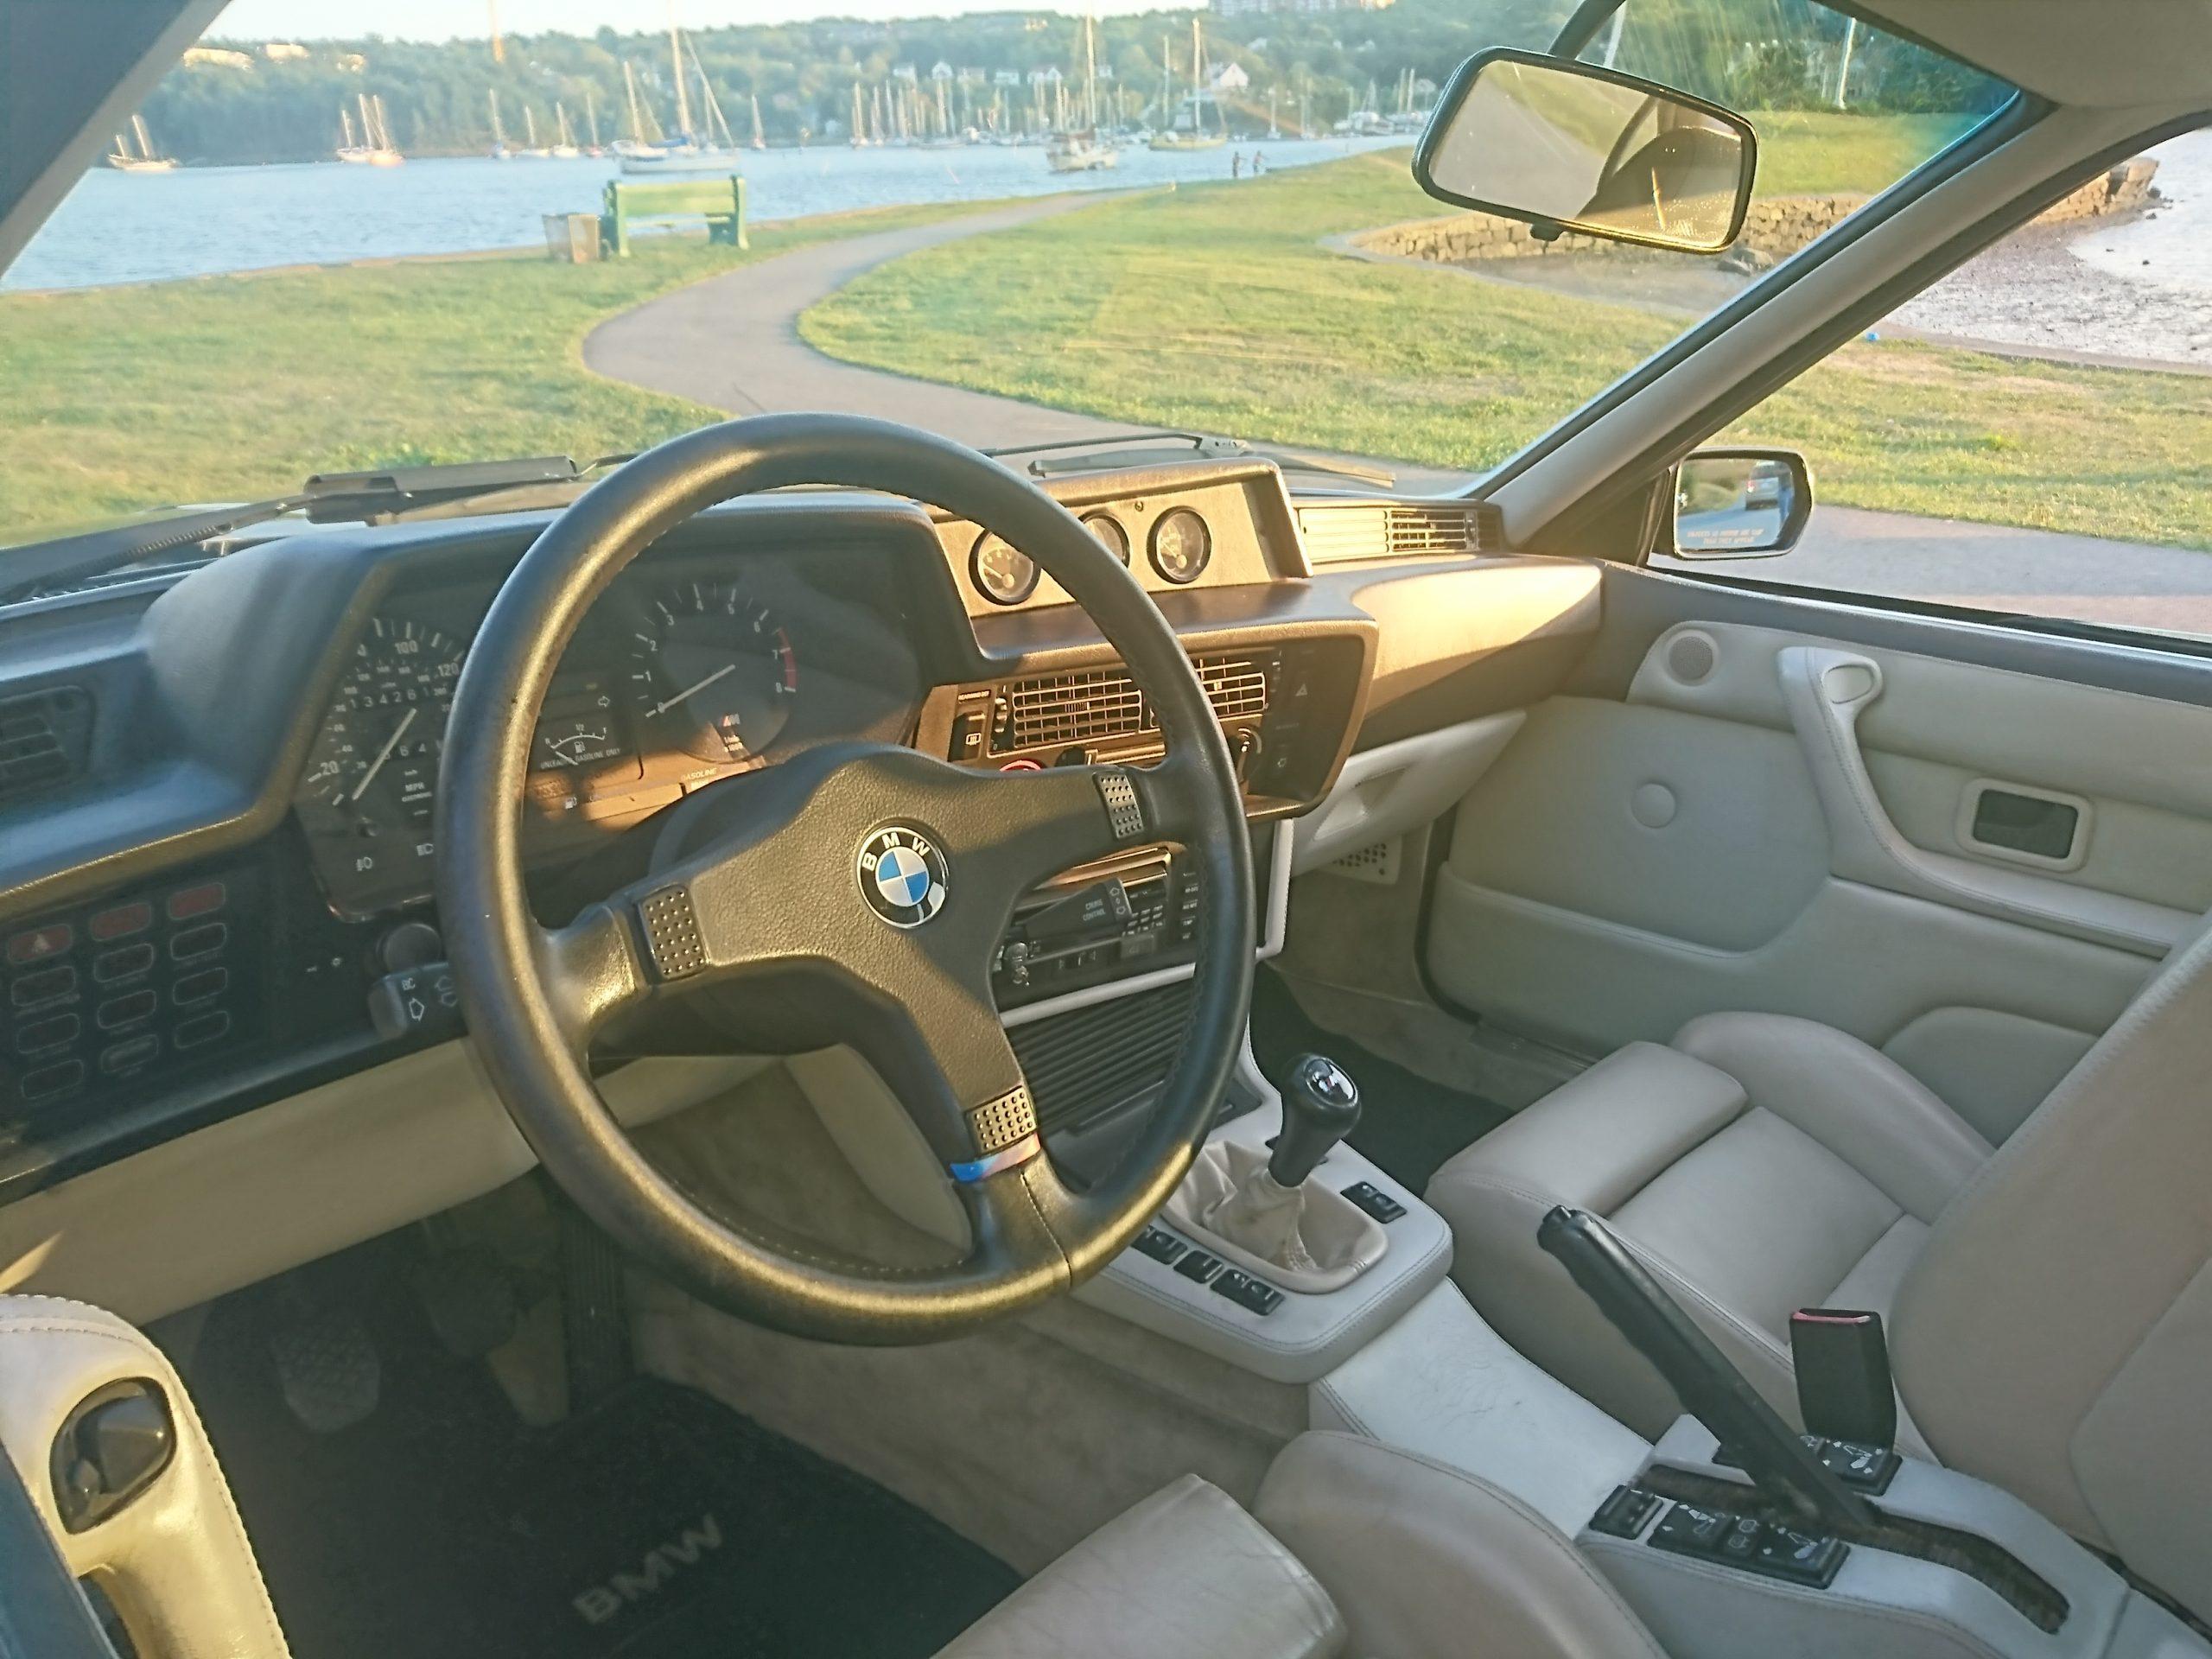 1987 BMW M6 Dinan interior